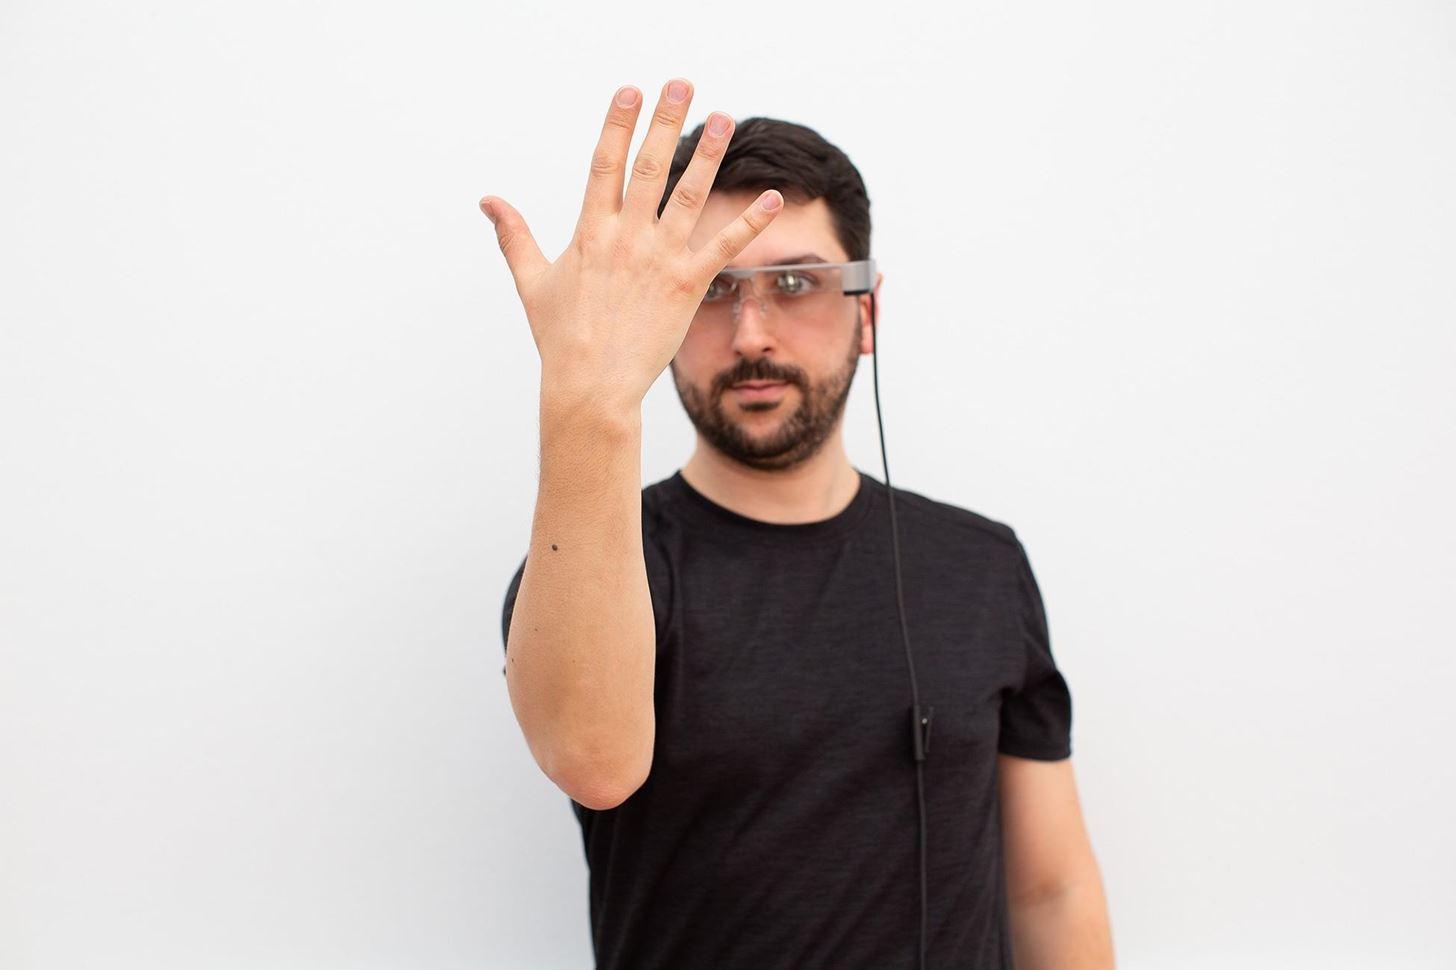 Epson agrega autenticación biométrica a sus gafas inteligentes gracias a Redrock Biometrics,